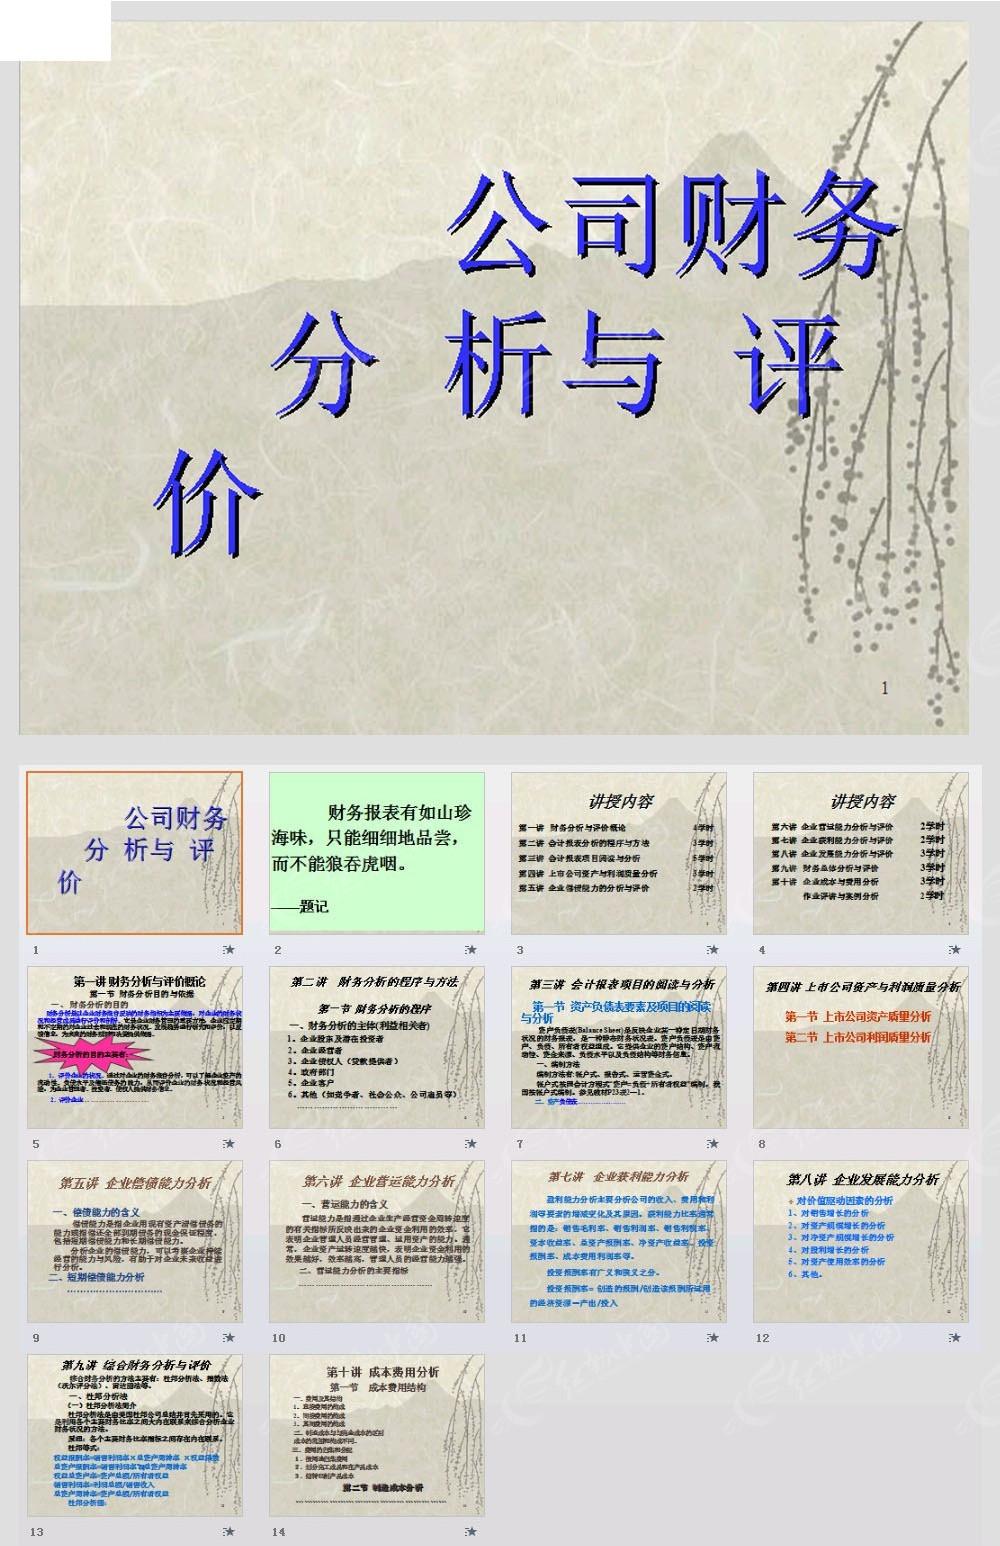 公司财务分析与评价ppt模板免费下载_金融理财素材图片